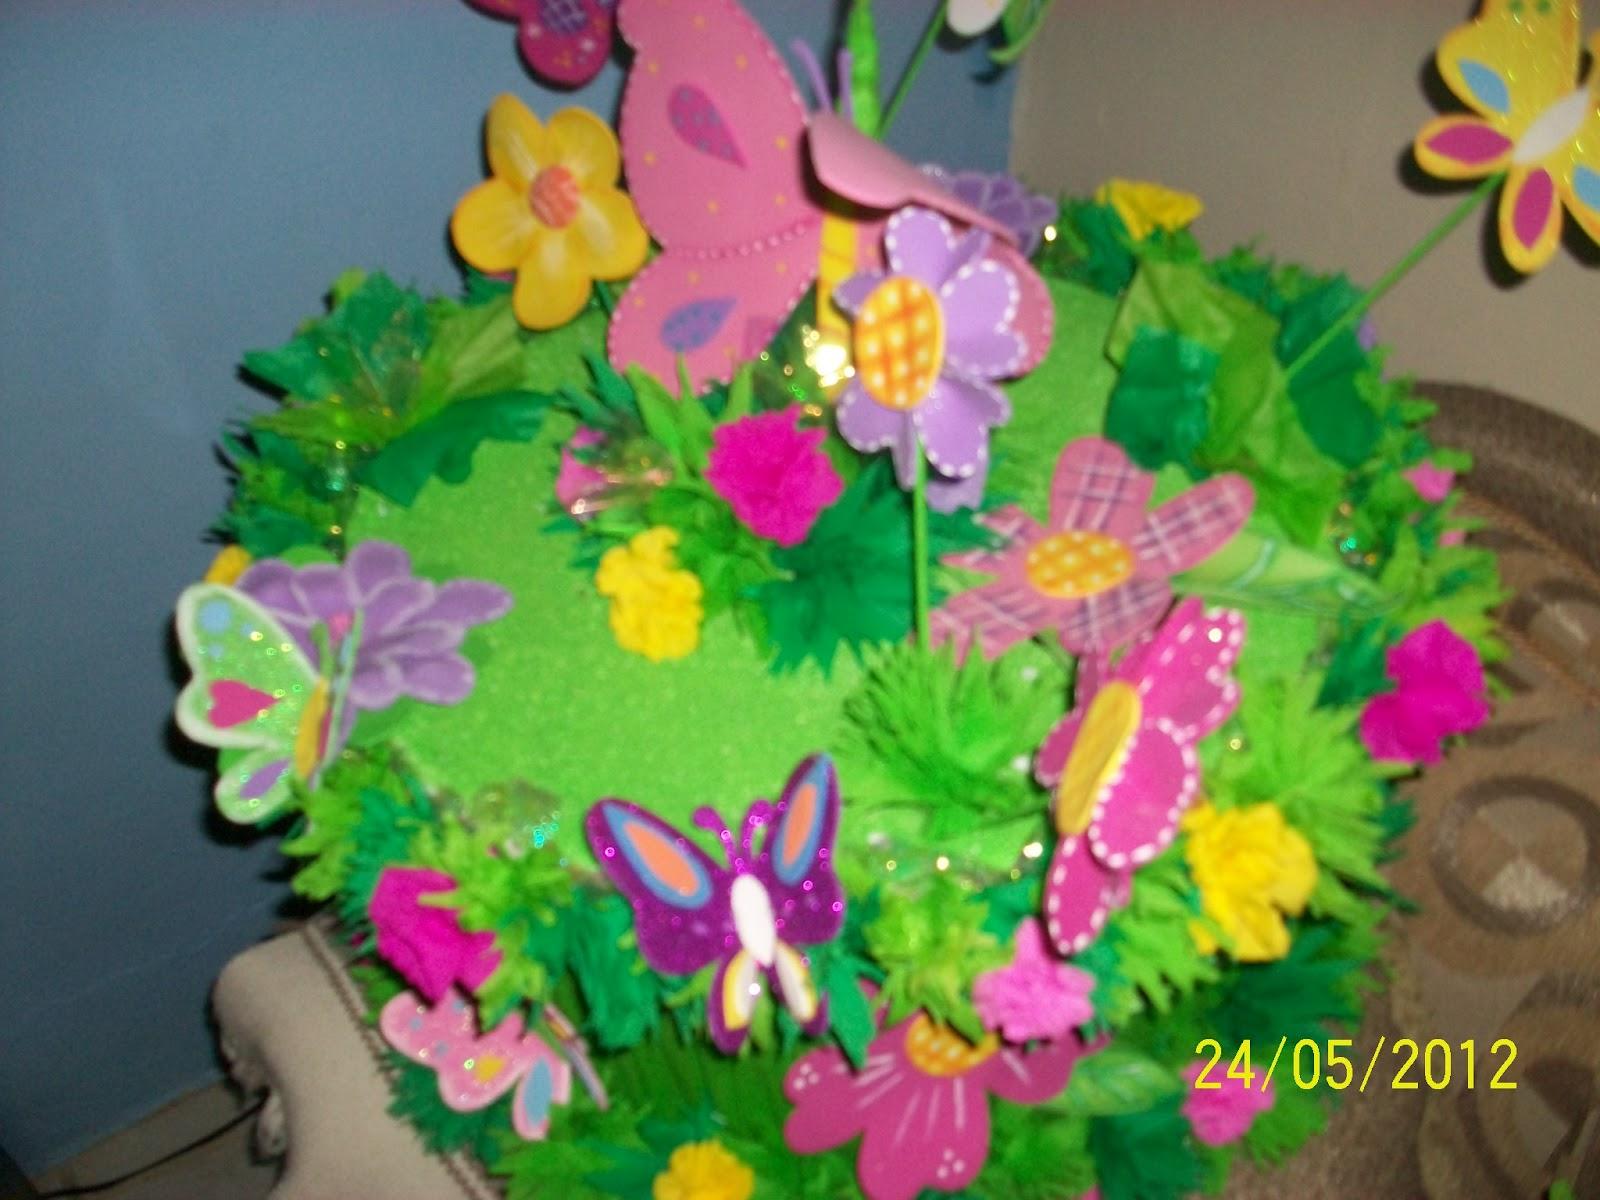 decoraciones infantiles flores y mariposas: fiestas infantiles